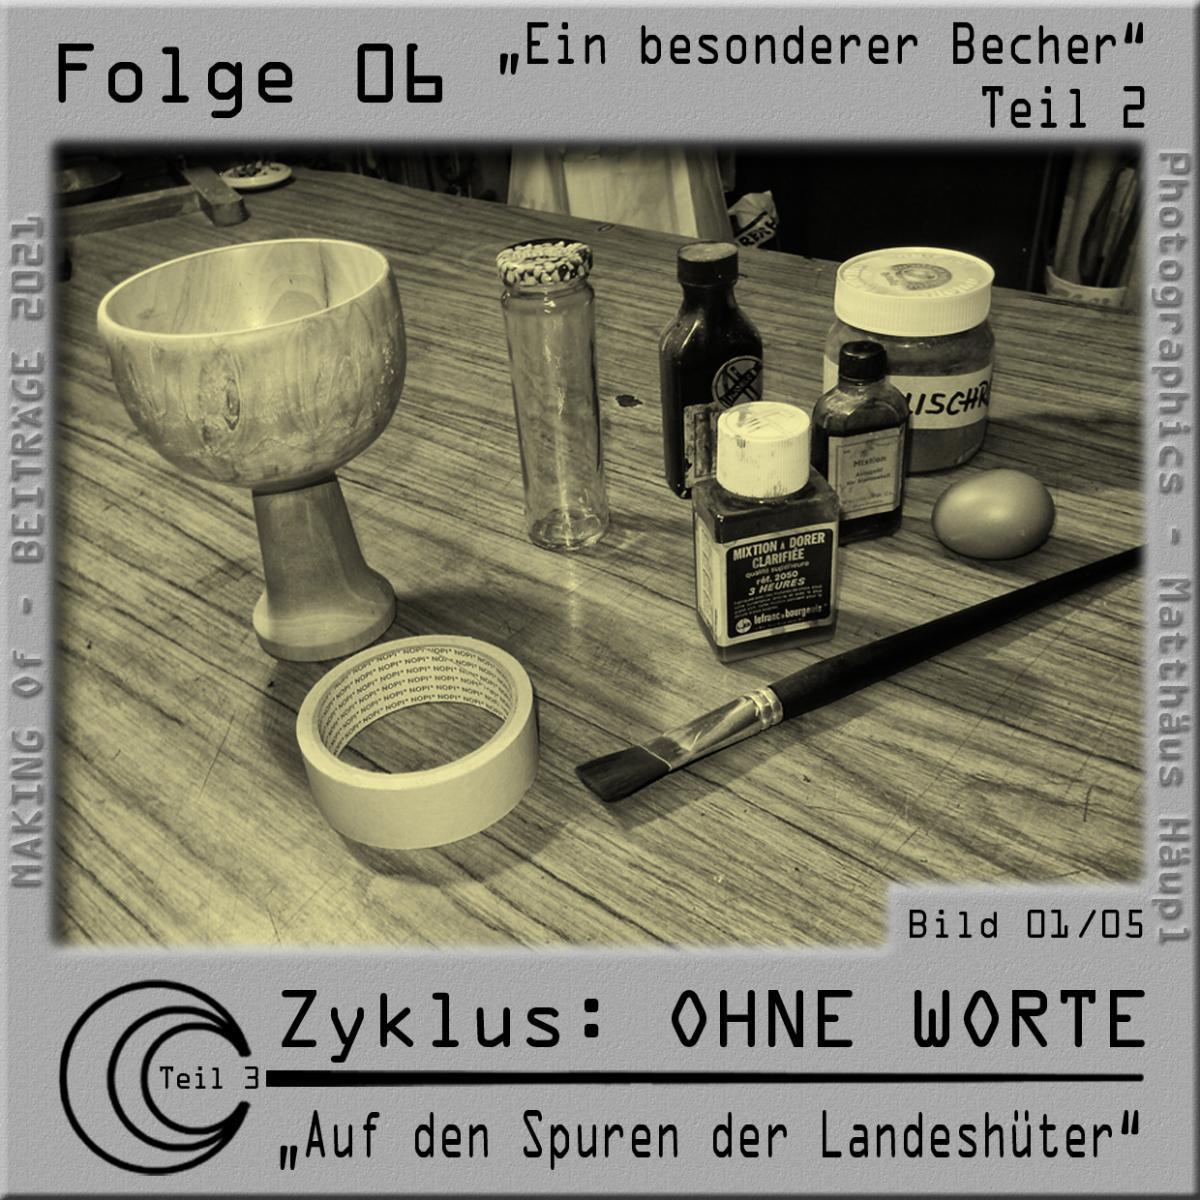 Folge-06 Ein-besonderer-Becher Teil-2-01